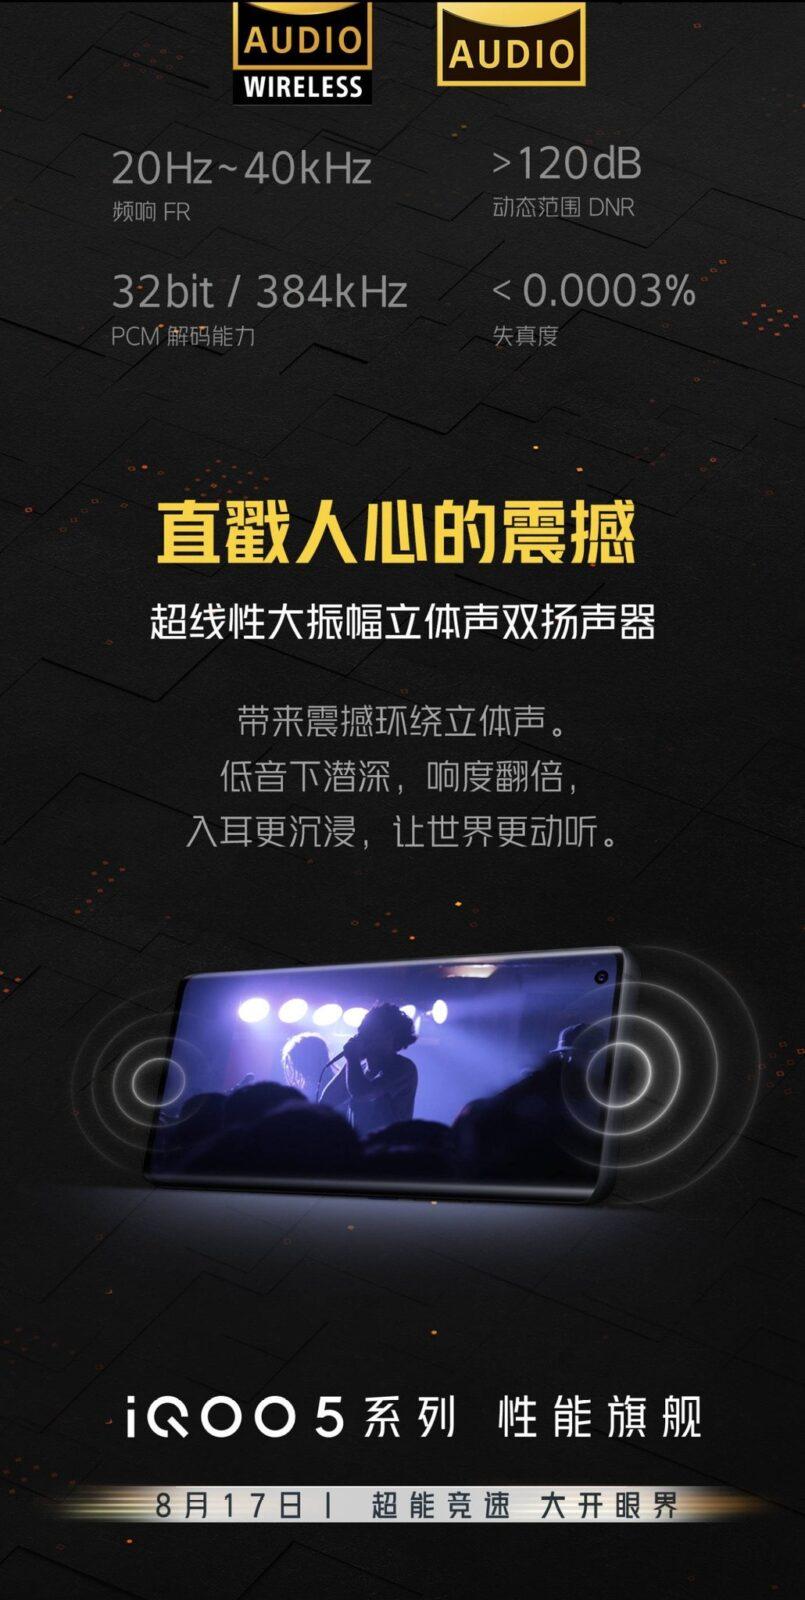 120 Дб, Hi-Res Audio, 120 Вт и 120 Гц. Смартфон Iqoo 5 становится все более интересным